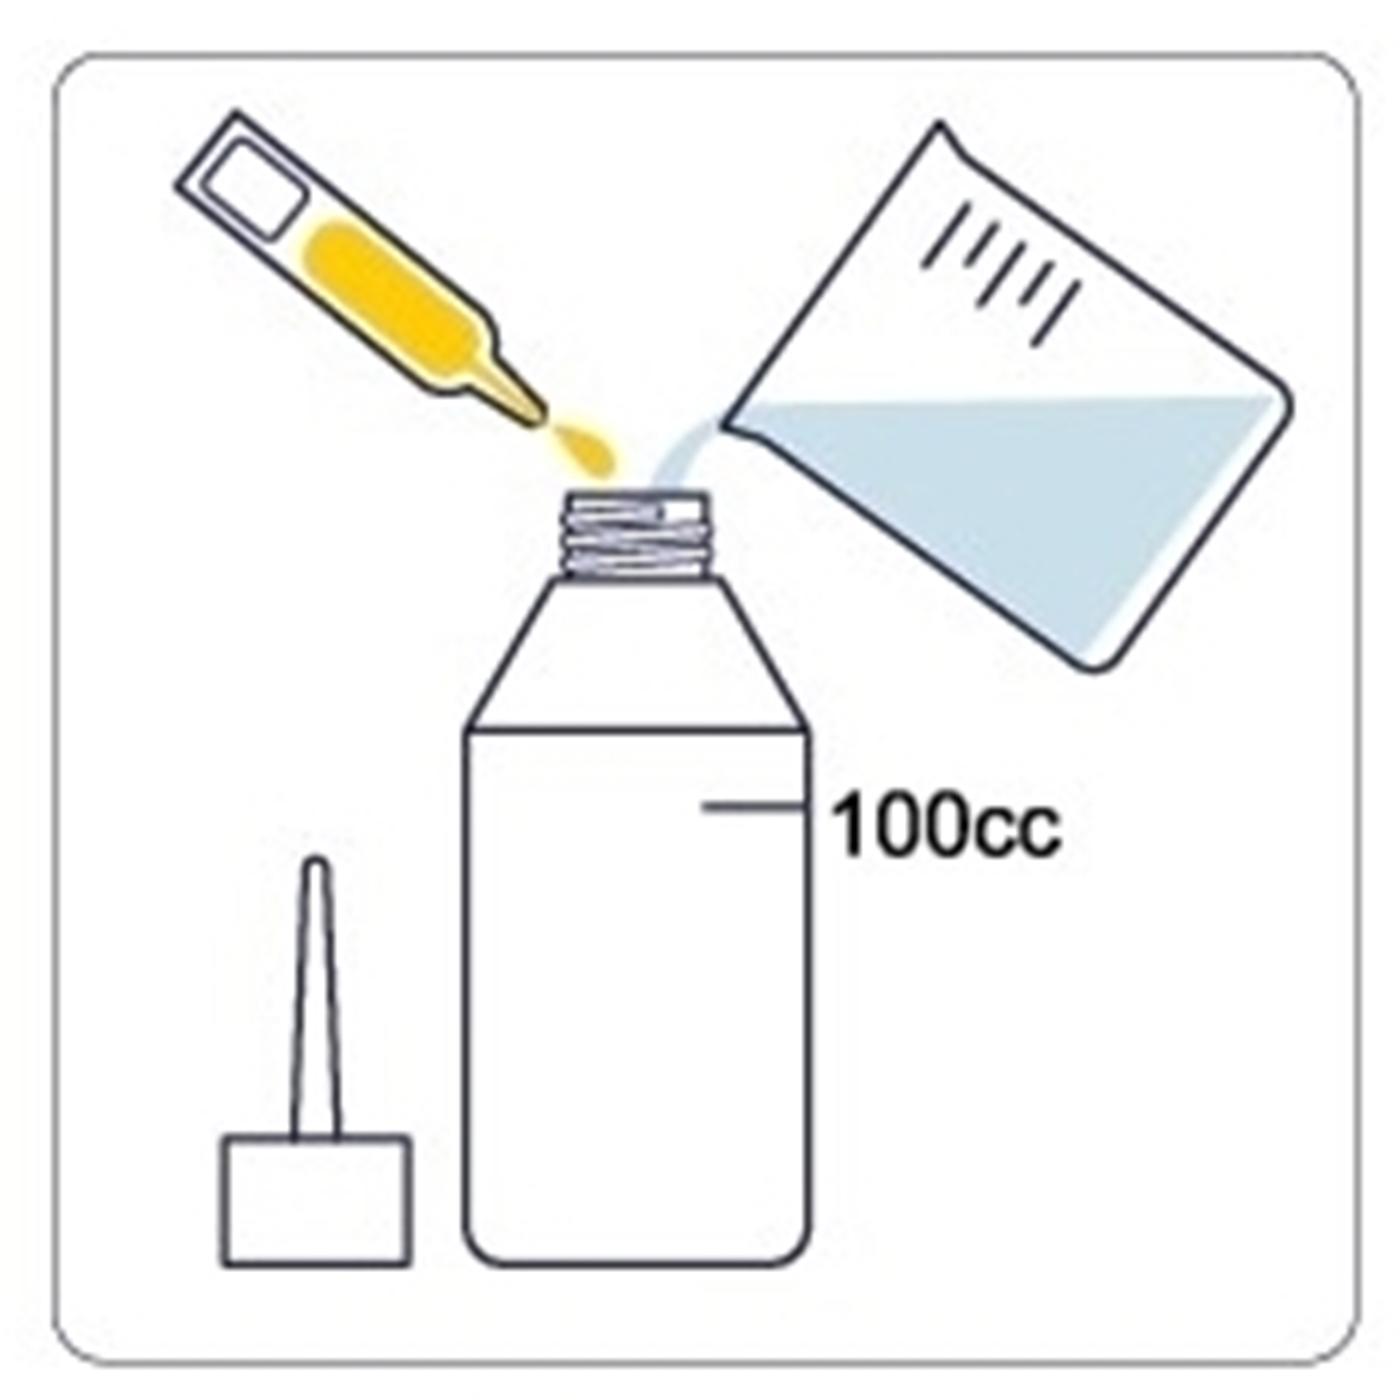 두피캄 앰풀 스칼프 클렌저(DASC10), 앰풀 0.8mL × 10개(10 회분)